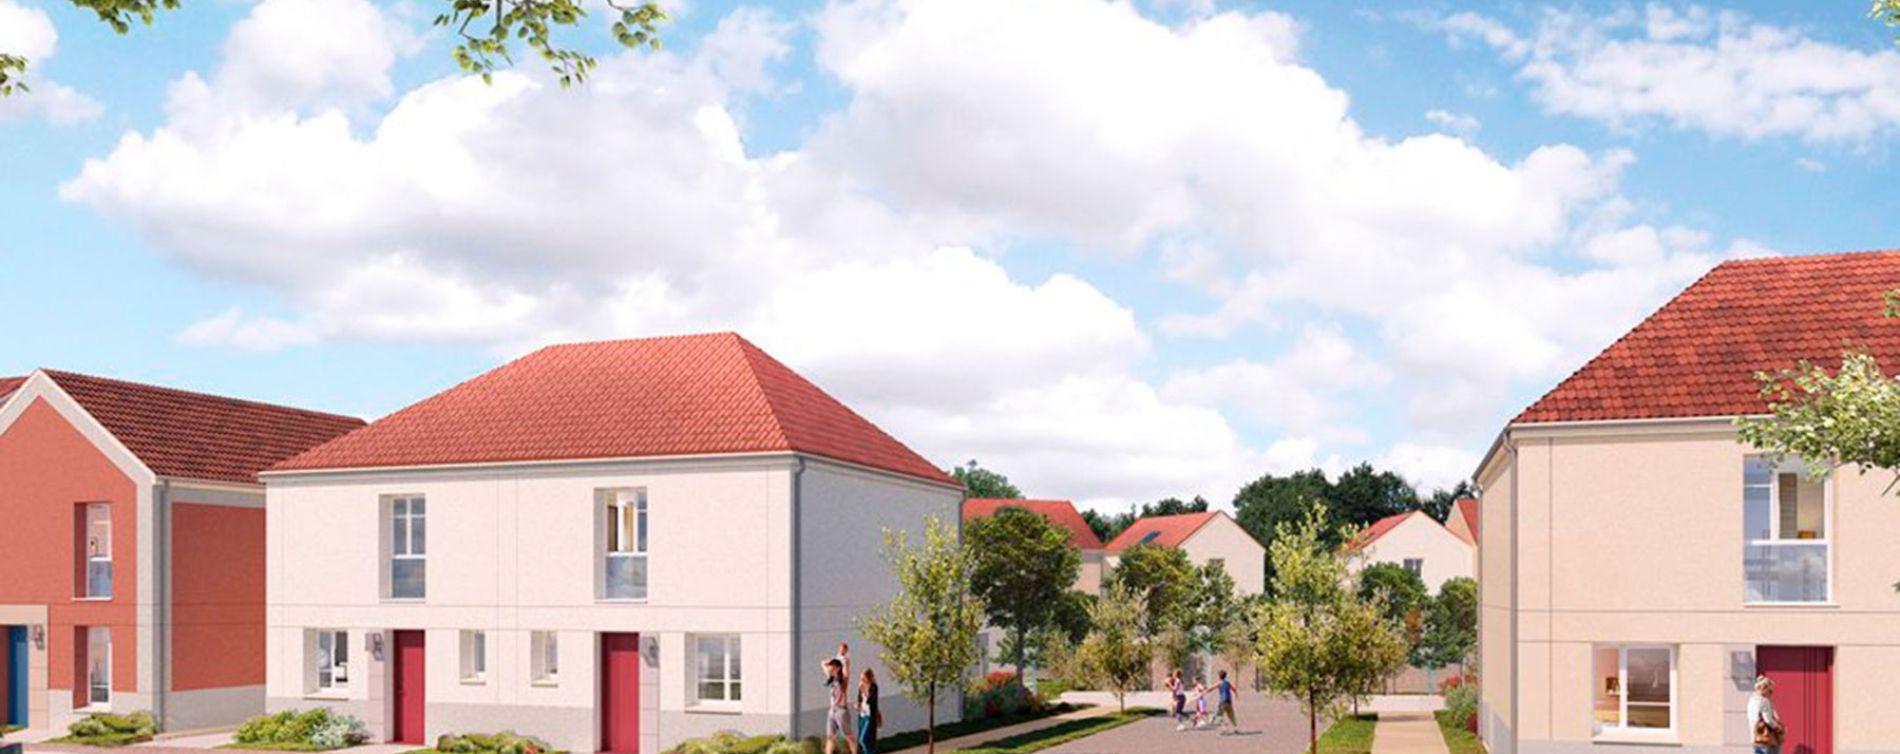 Résidence Les Jardins Bellis à Bourg-en-Bresse